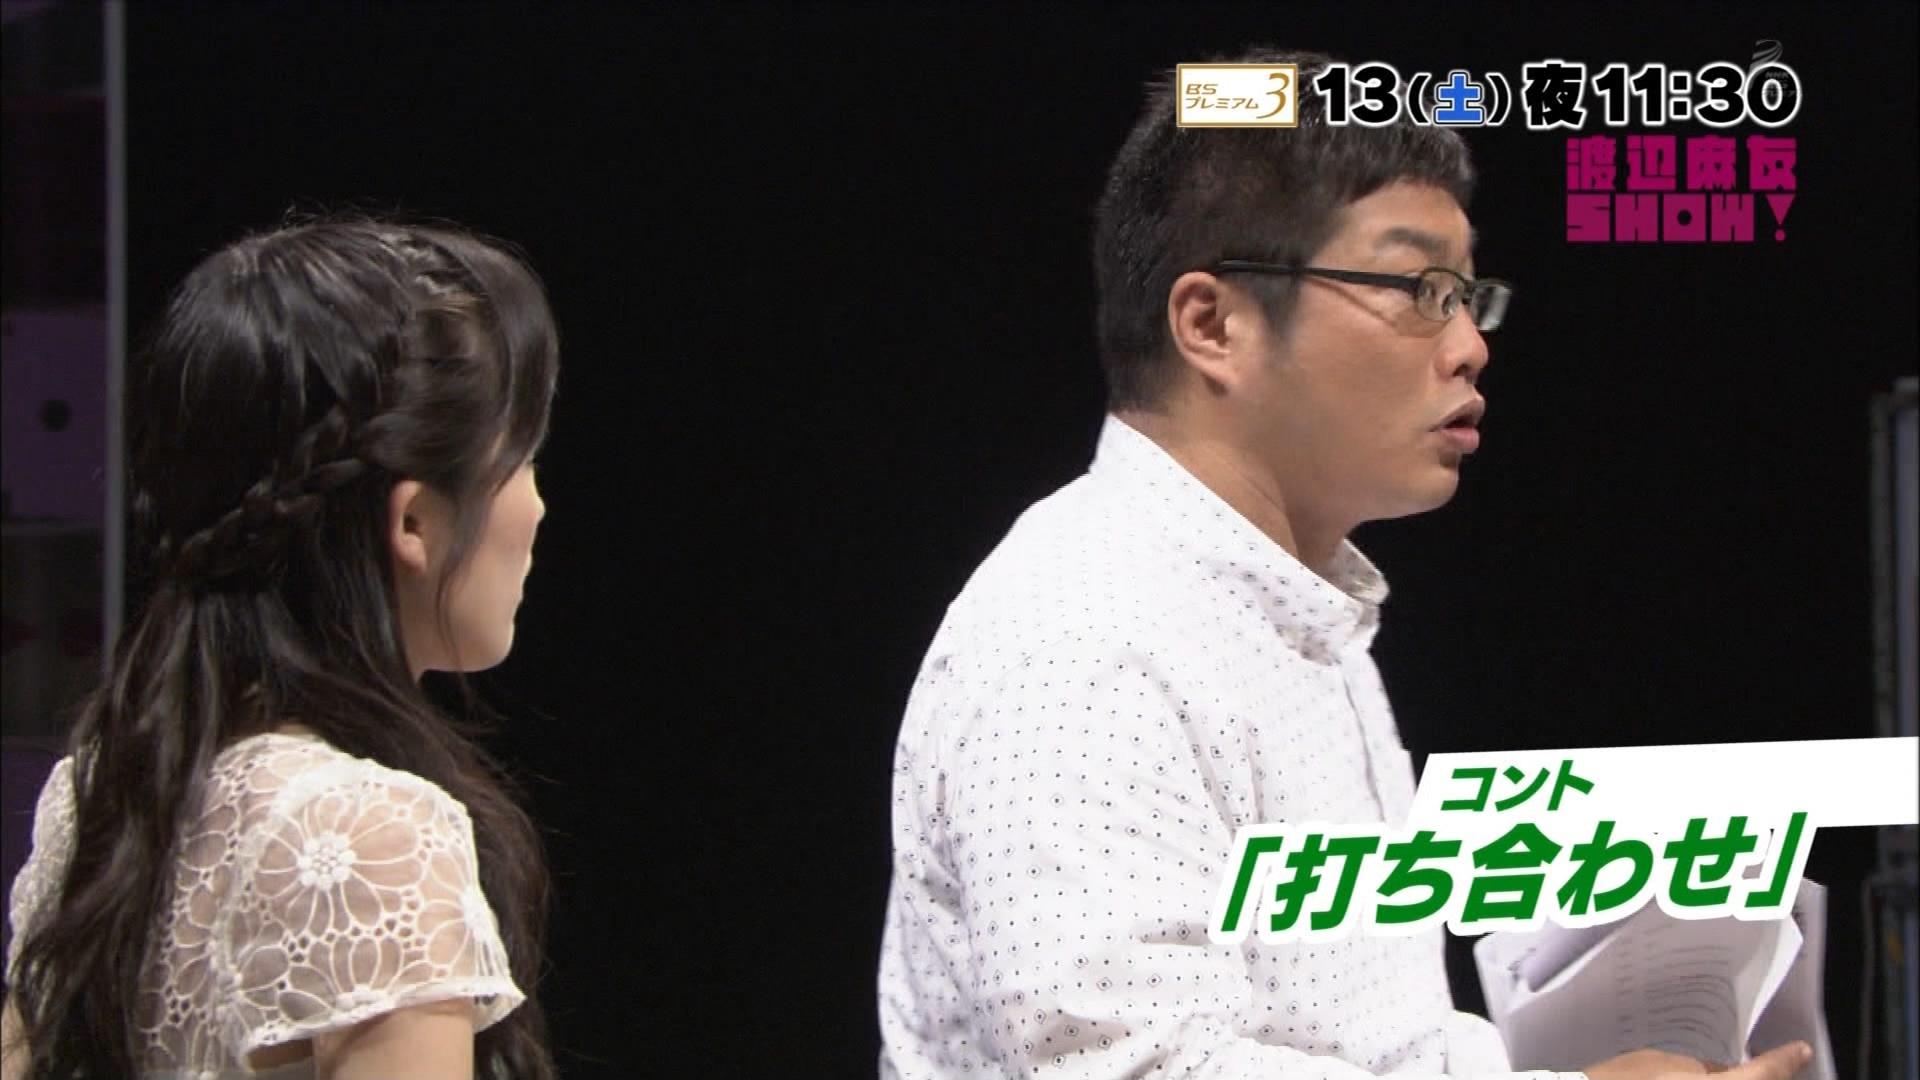 渡辺麻友SHOW!予告 AKB48SHOW! 20140906 (11)